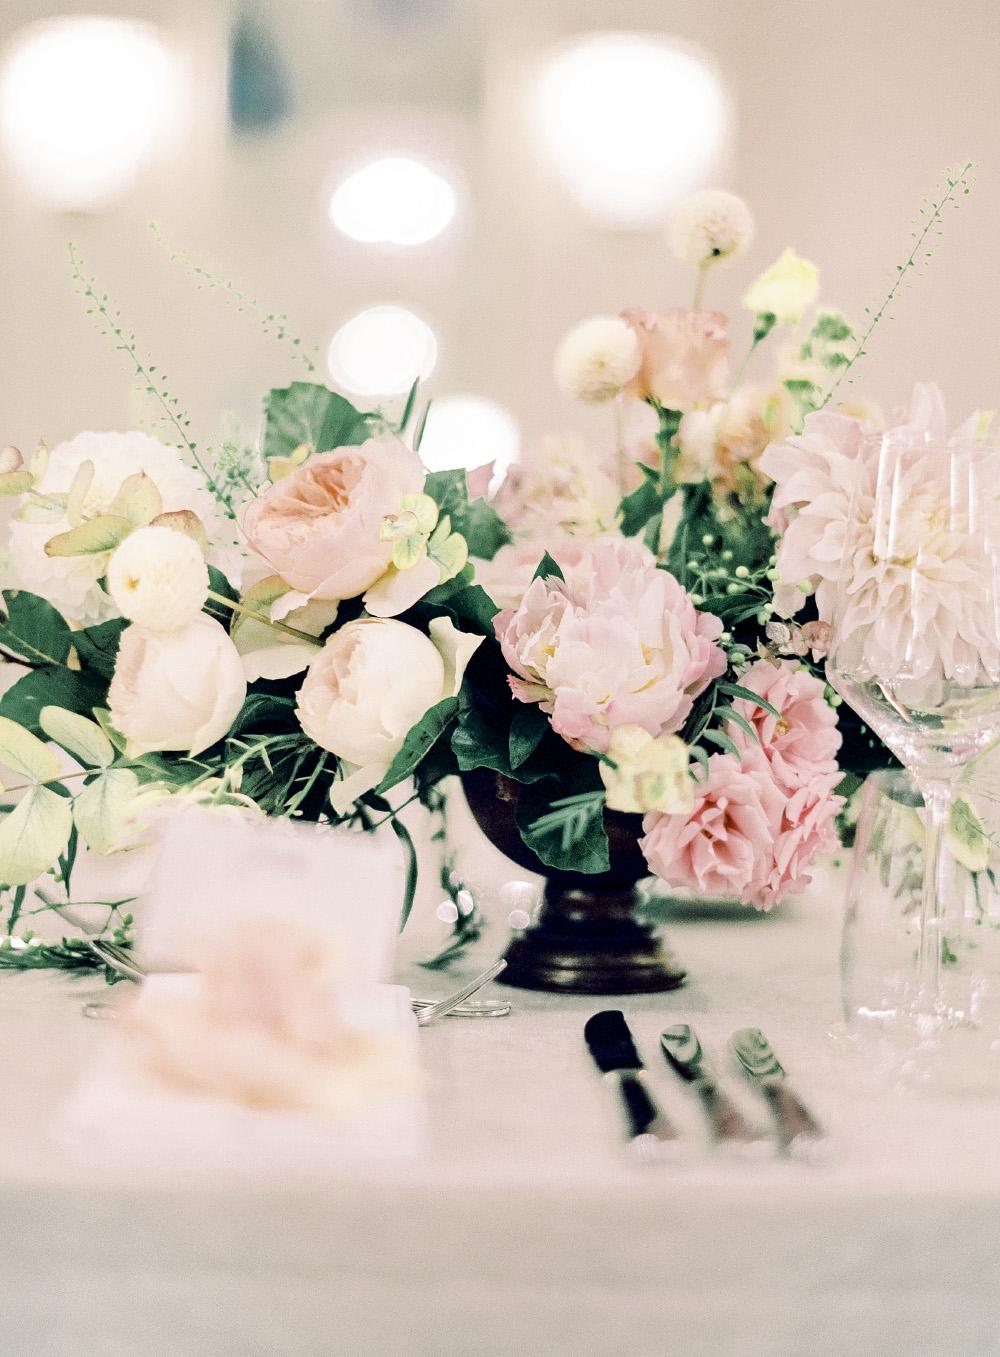 Waldhaus Flims, Hochzeitsdekoration, Hochzeitsblumen, Hochzeit Flims, Hochzeit Zürich, Hochzeitsfloristik, Wedding Flowers Switzerland, Mint Blumen, Flower Circle, Wedding Switzerland, Wedding Flowers